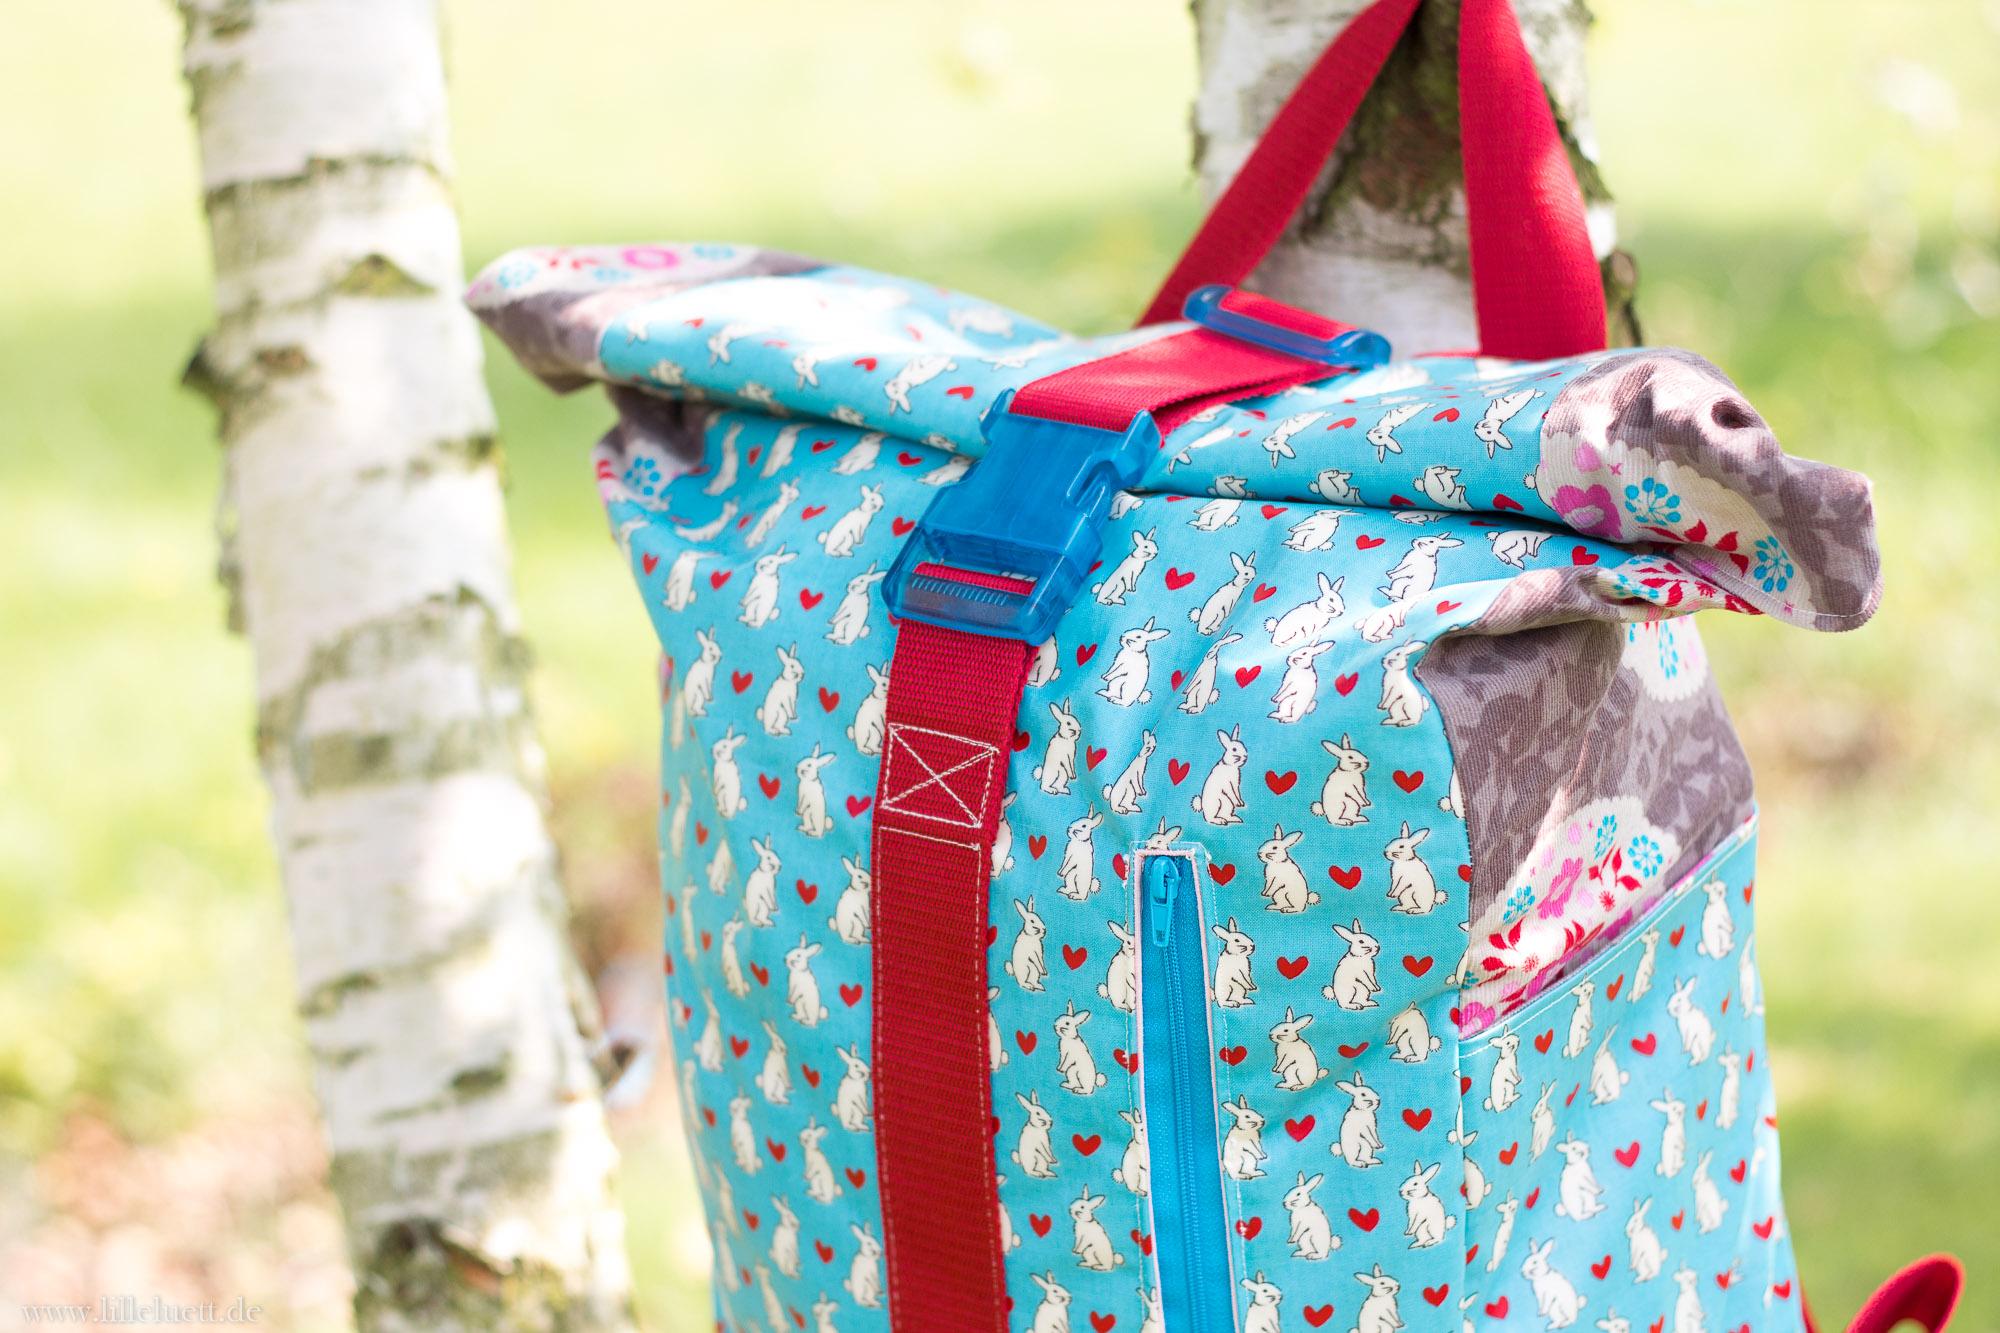 Rucksack nähen - neues Schnittmuster - Rucksack No. 1 von Annimamia